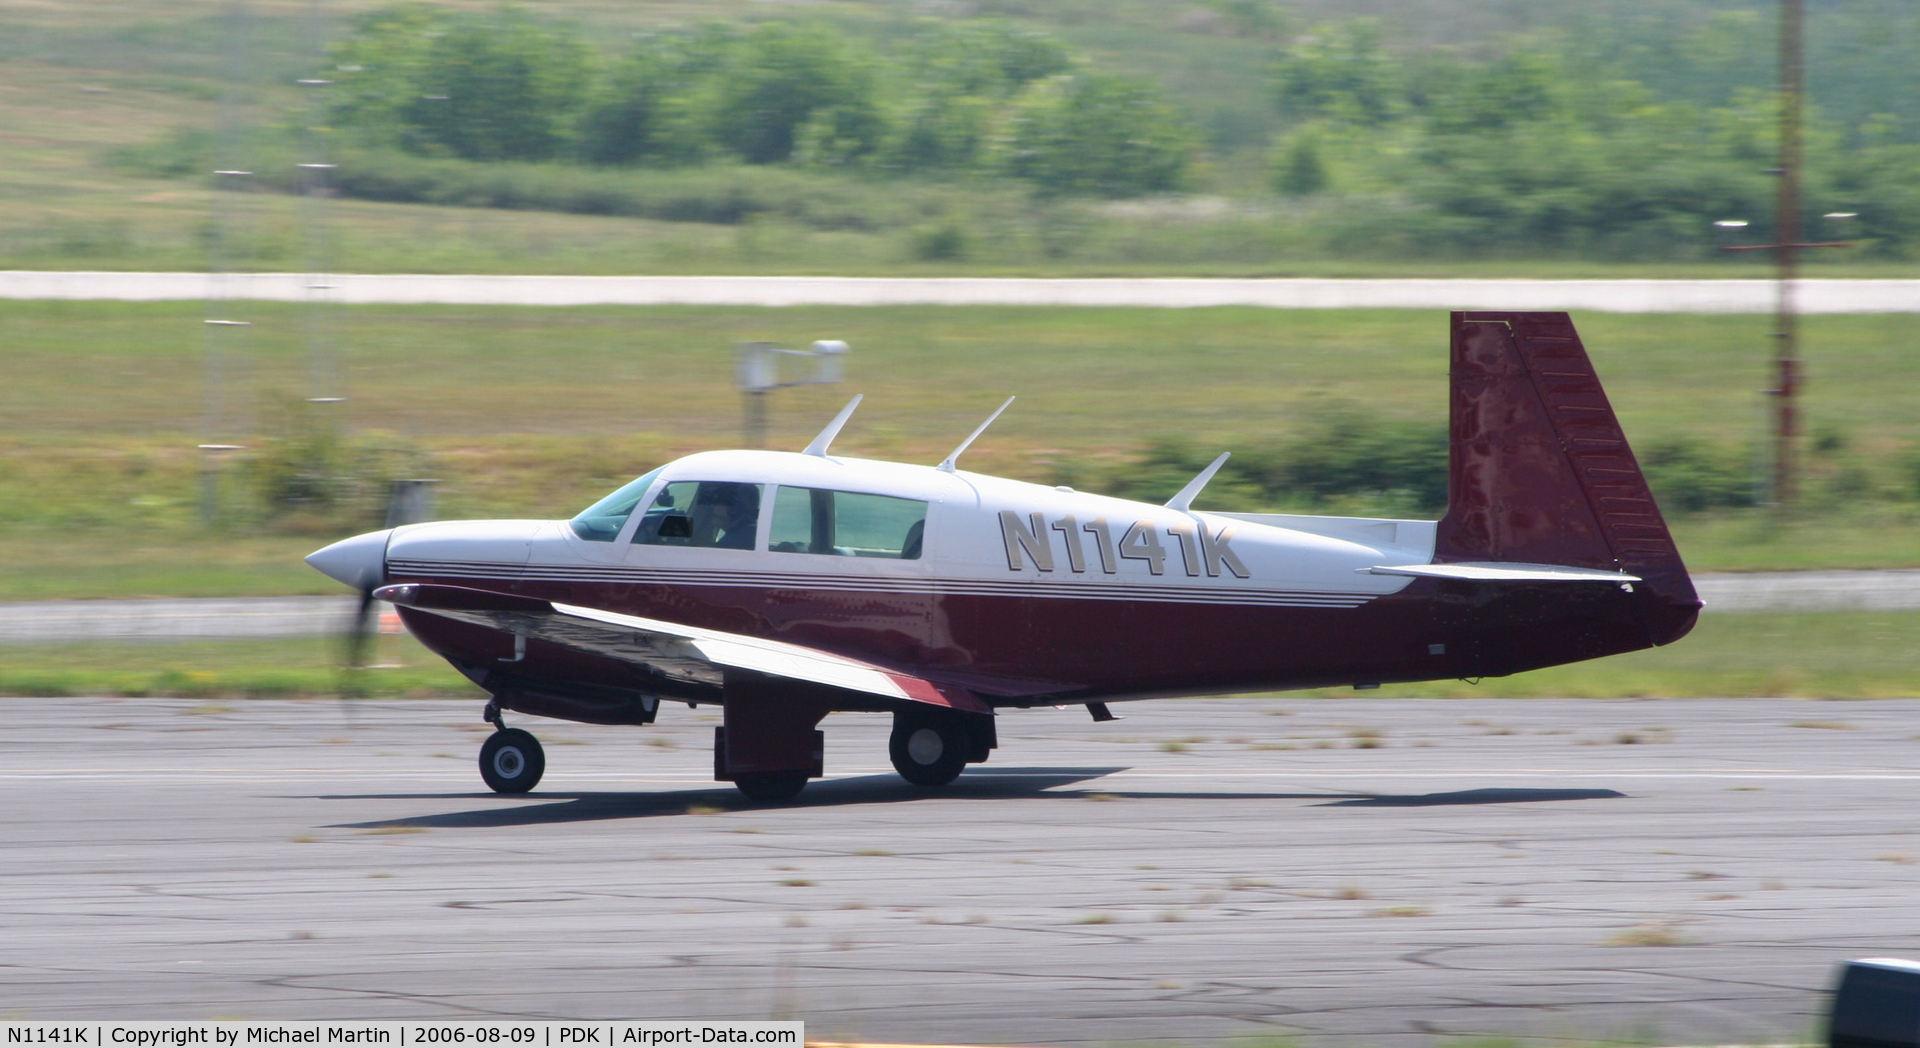 N1141K, 1981 Mooney M20J 201 C/N 24-1214, Landing Runway 2L